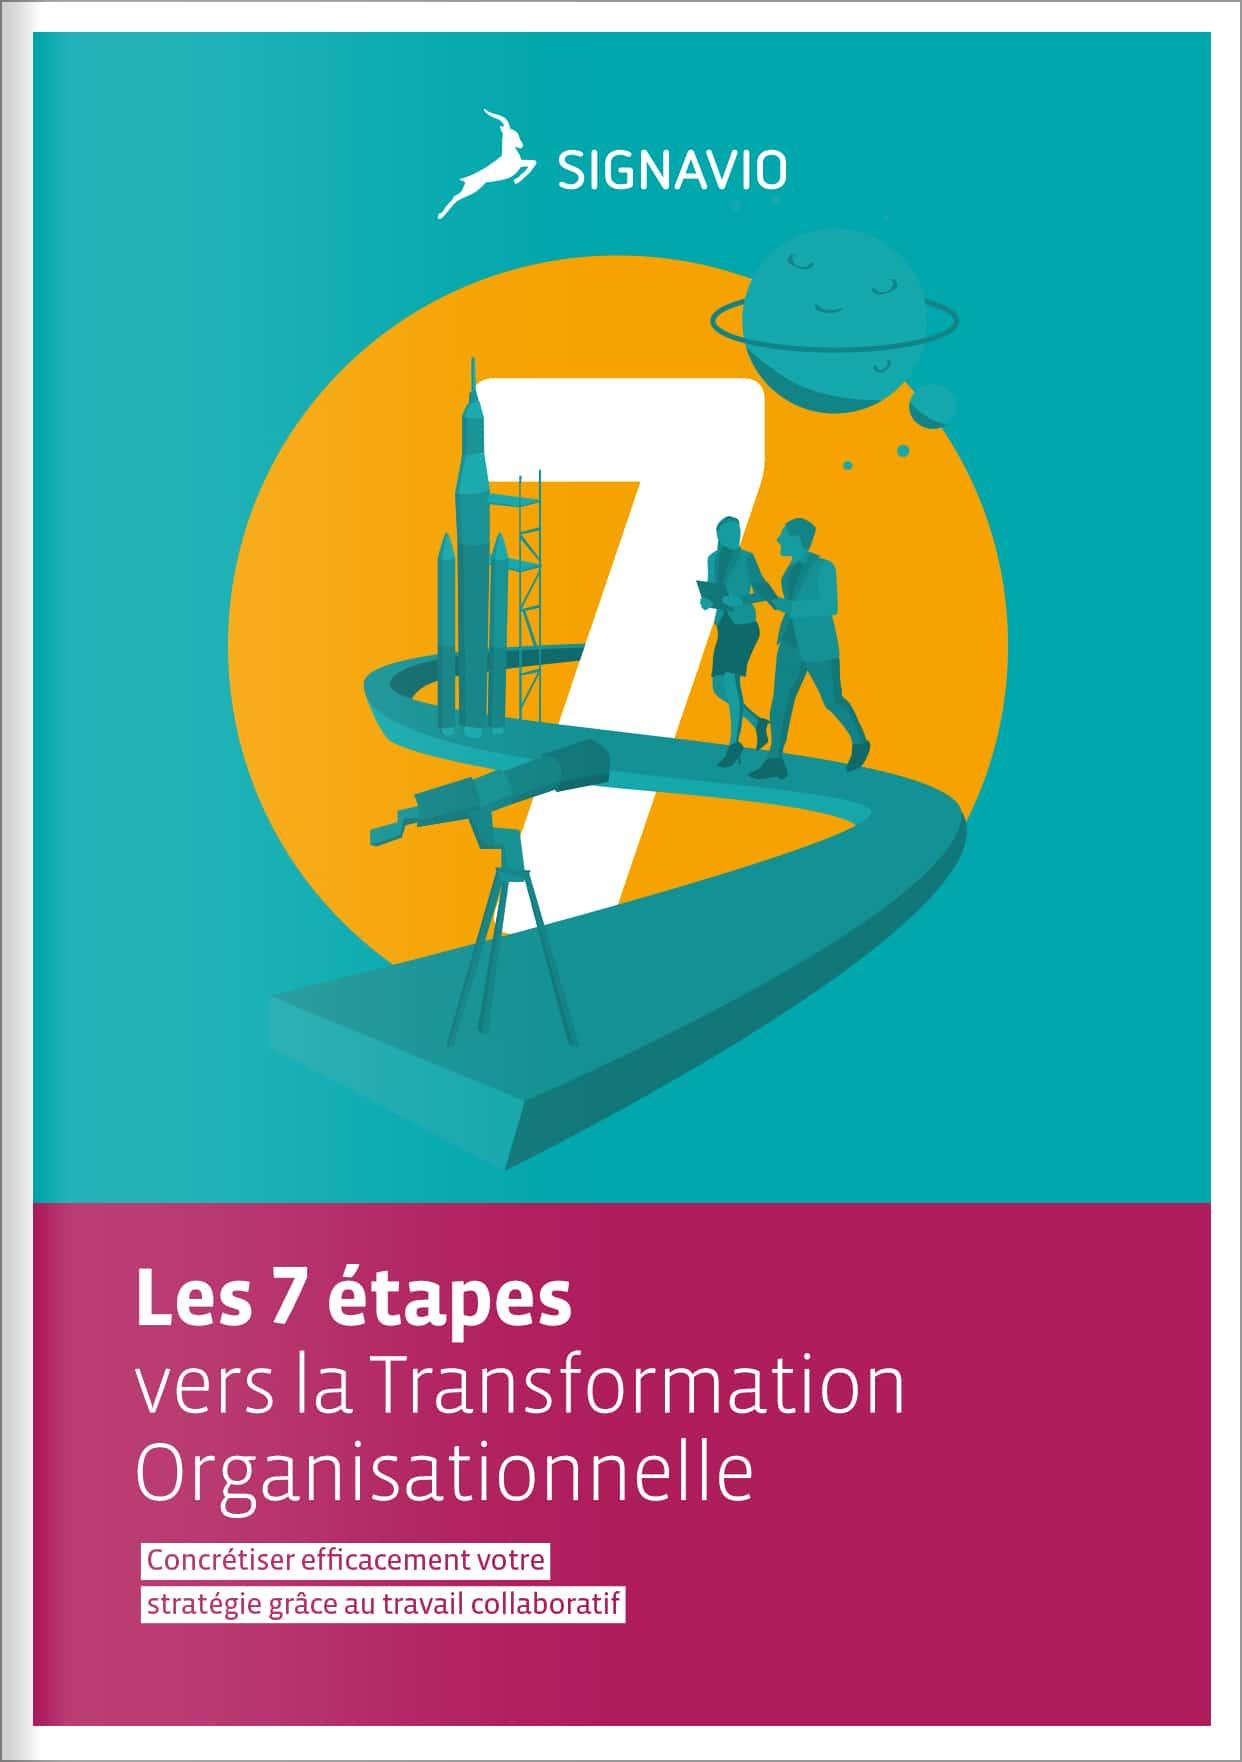 Les 7 étapes vers la Transformation Organisationnelle (fr)